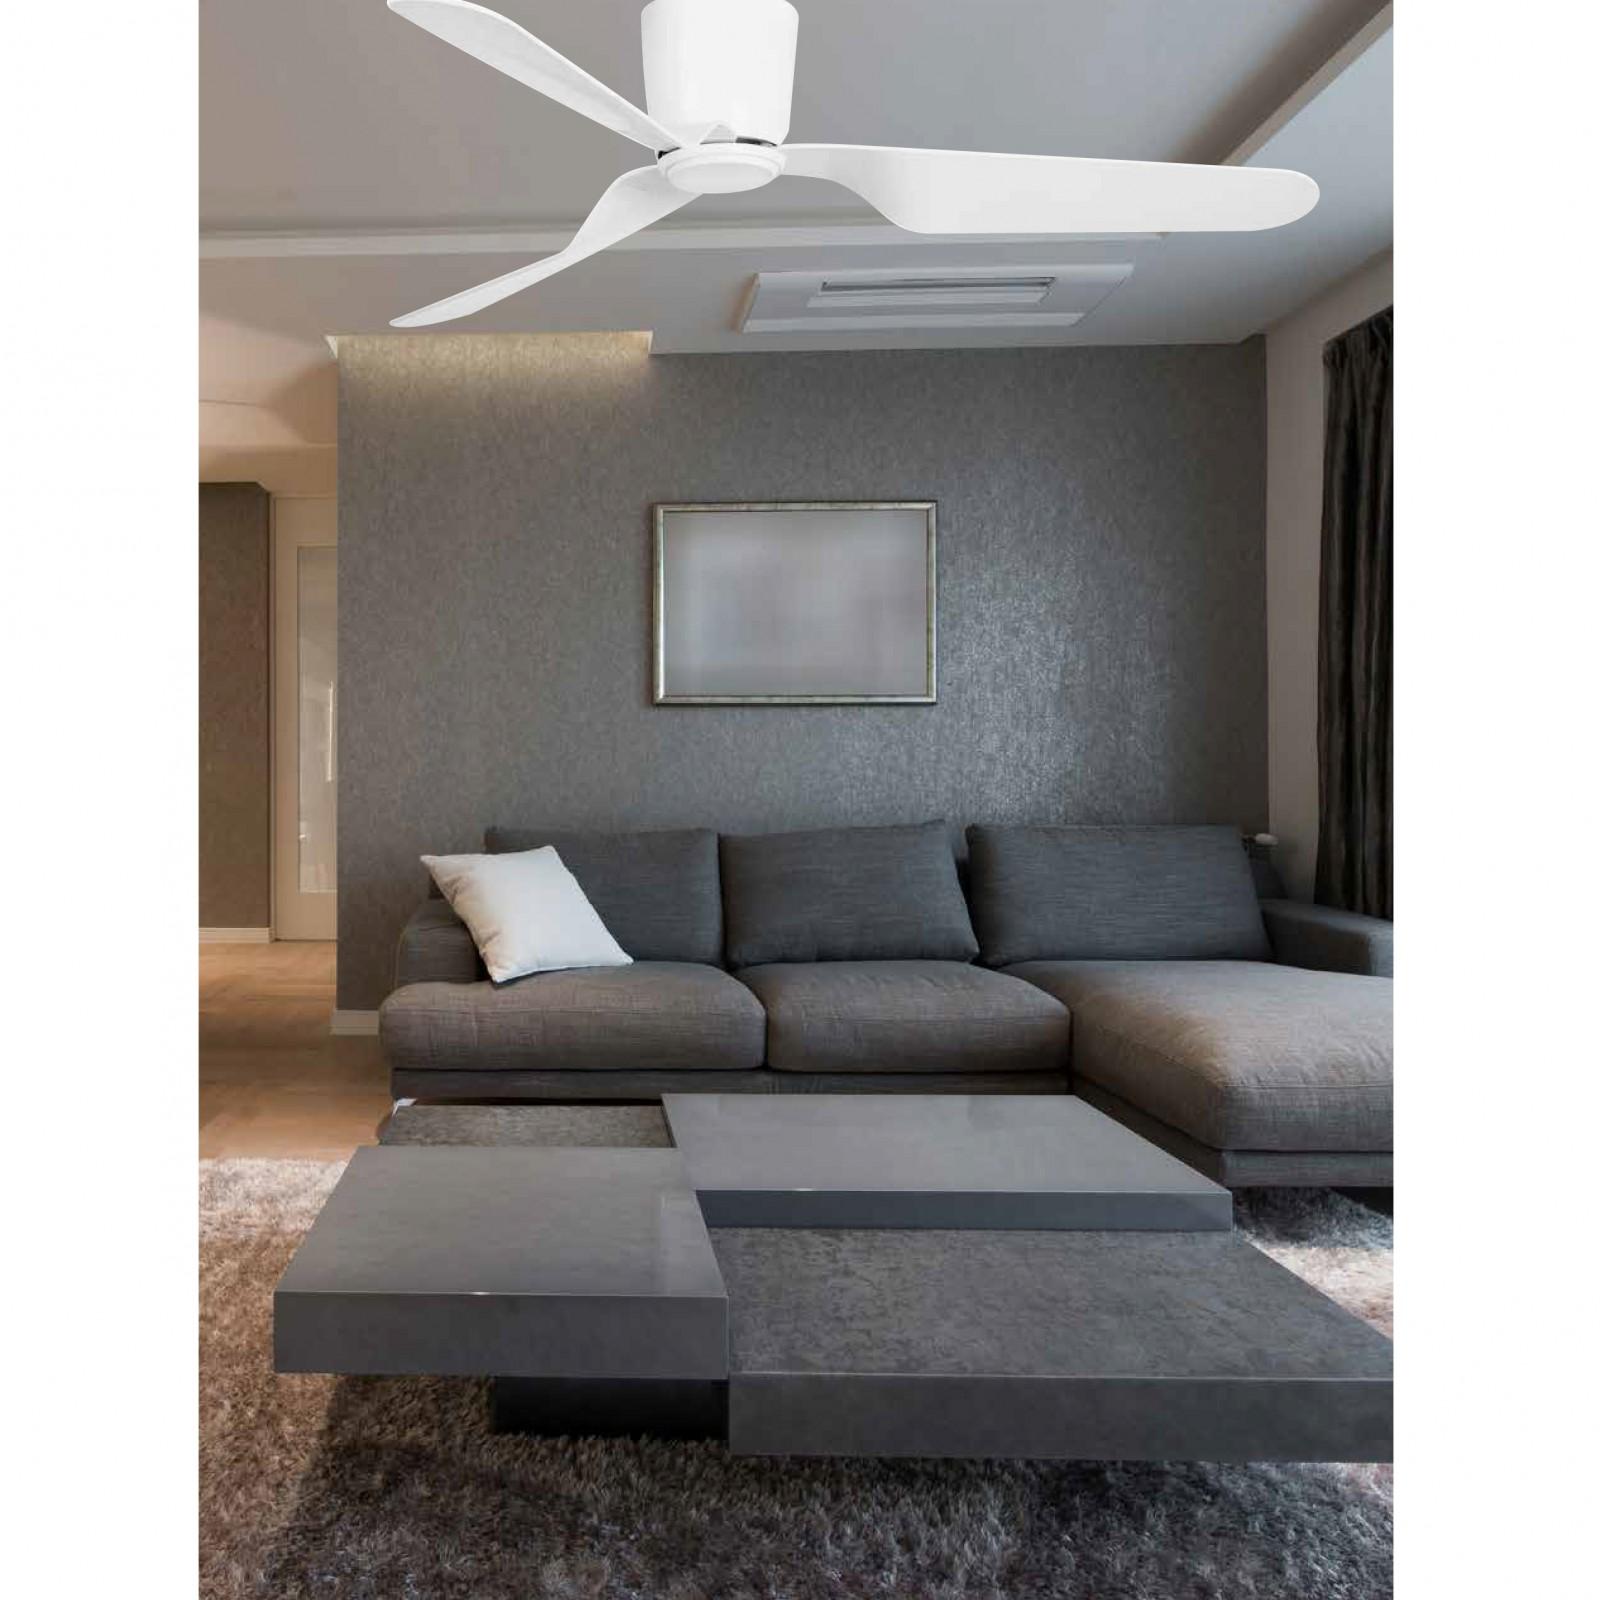 ventilateur de plafond basse consommation pemba blanc ventilateurs de plafond pour particulier. Black Bedroom Furniture Sets. Home Design Ideas